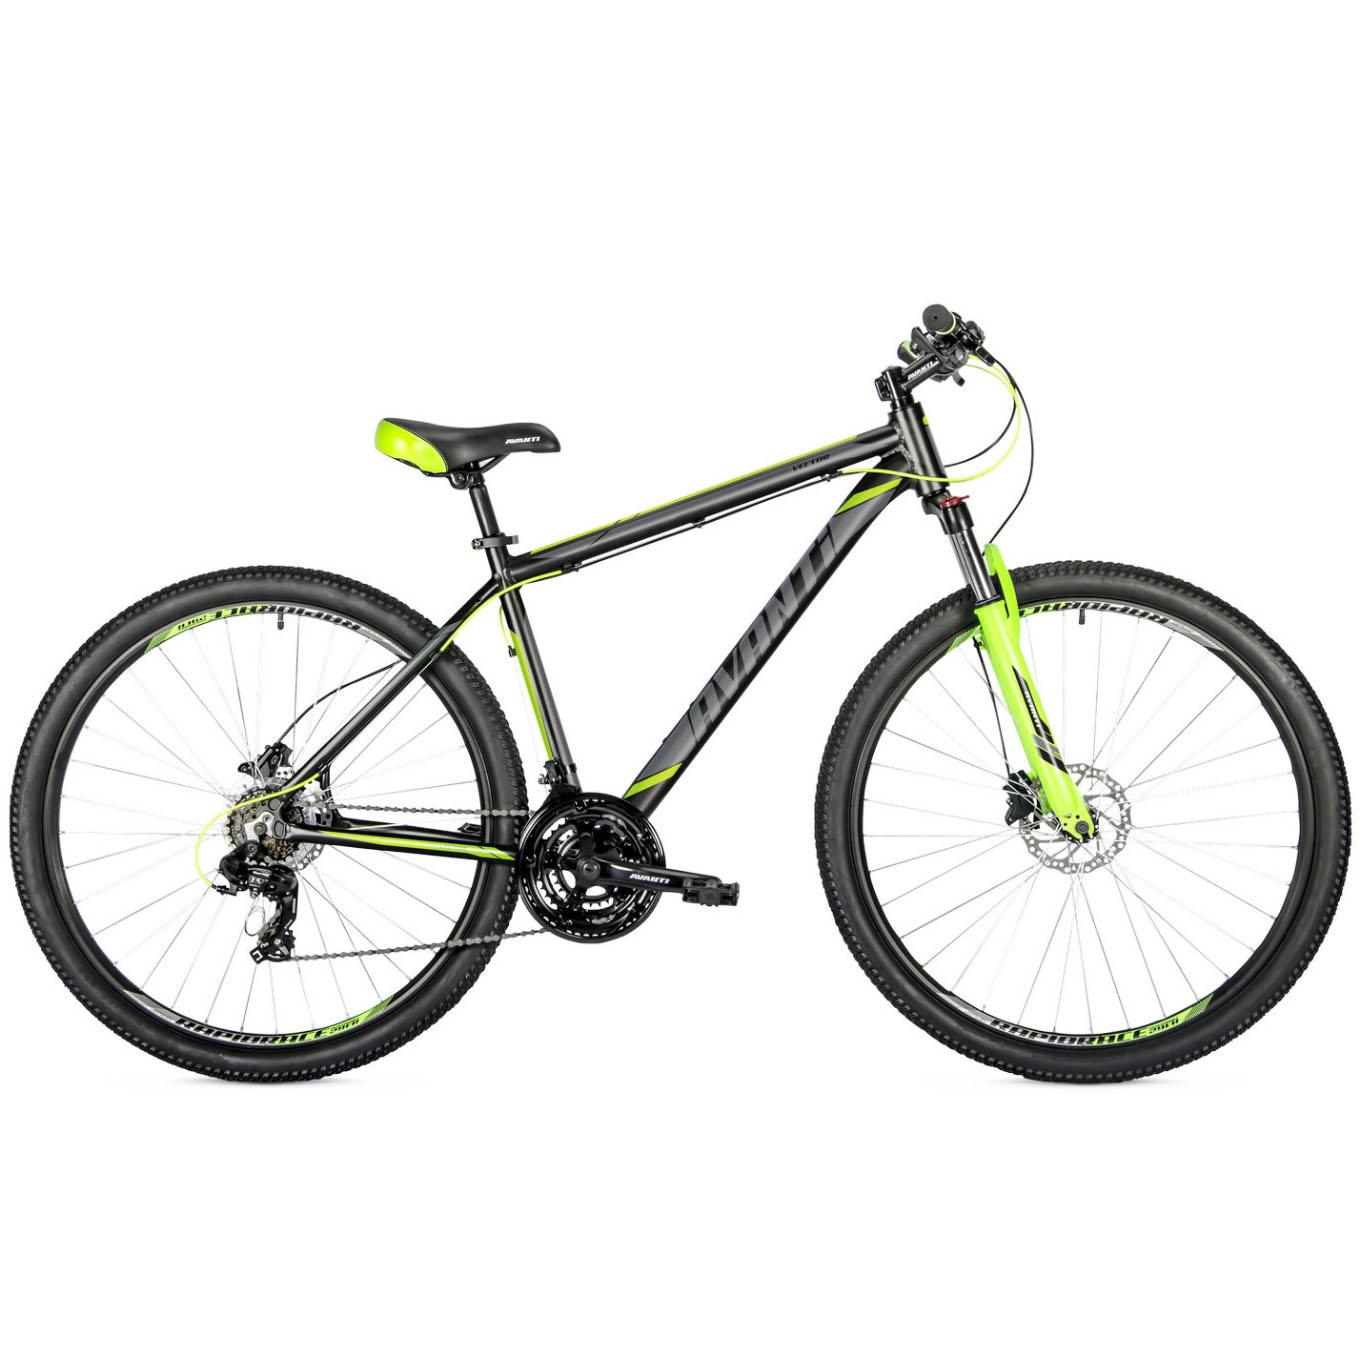 Фото Горный Велосипед   27,5 Avanti Vector disk 2018 вилка Lock Out черно-зеленый